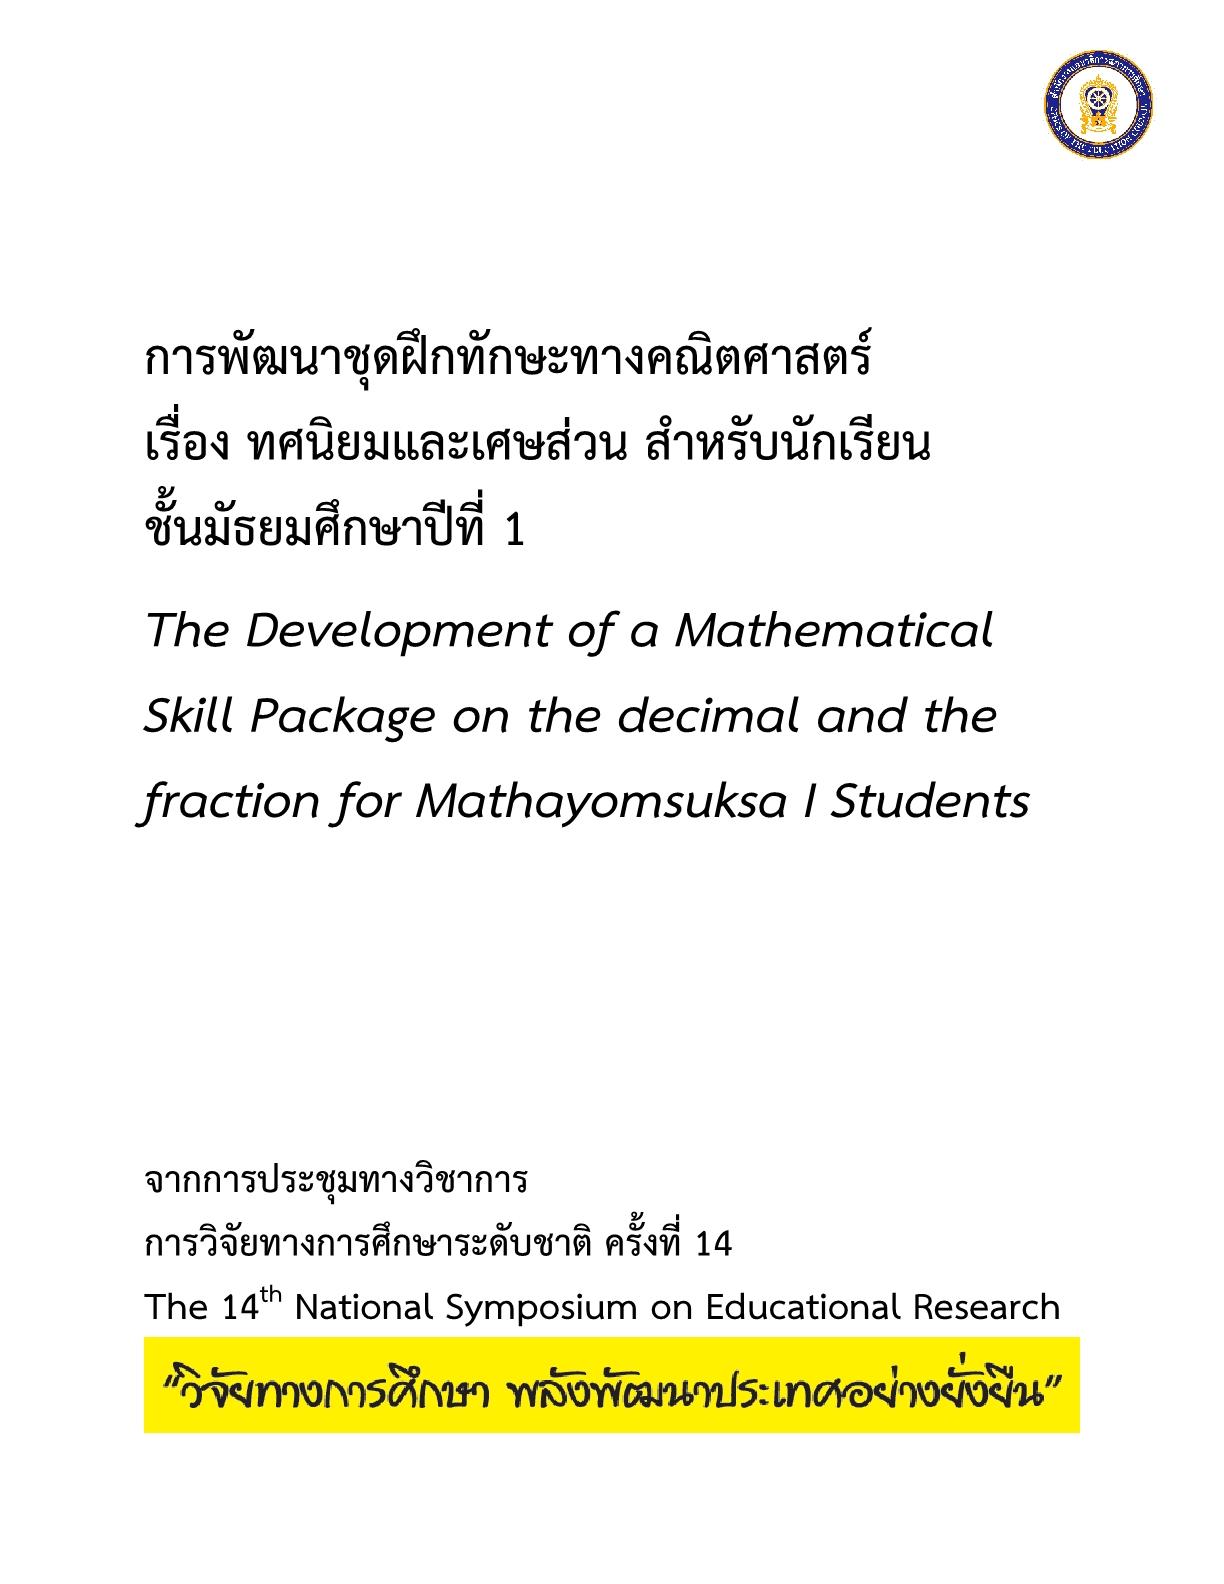 การพัฒนาชุดฝึกทักษะทางคณิตศาสตร์ เรื่อง ทศนิยมและเศษส่วนสำหรับนักเรียนชั้นมัธยมศึกษาปีที่ 1